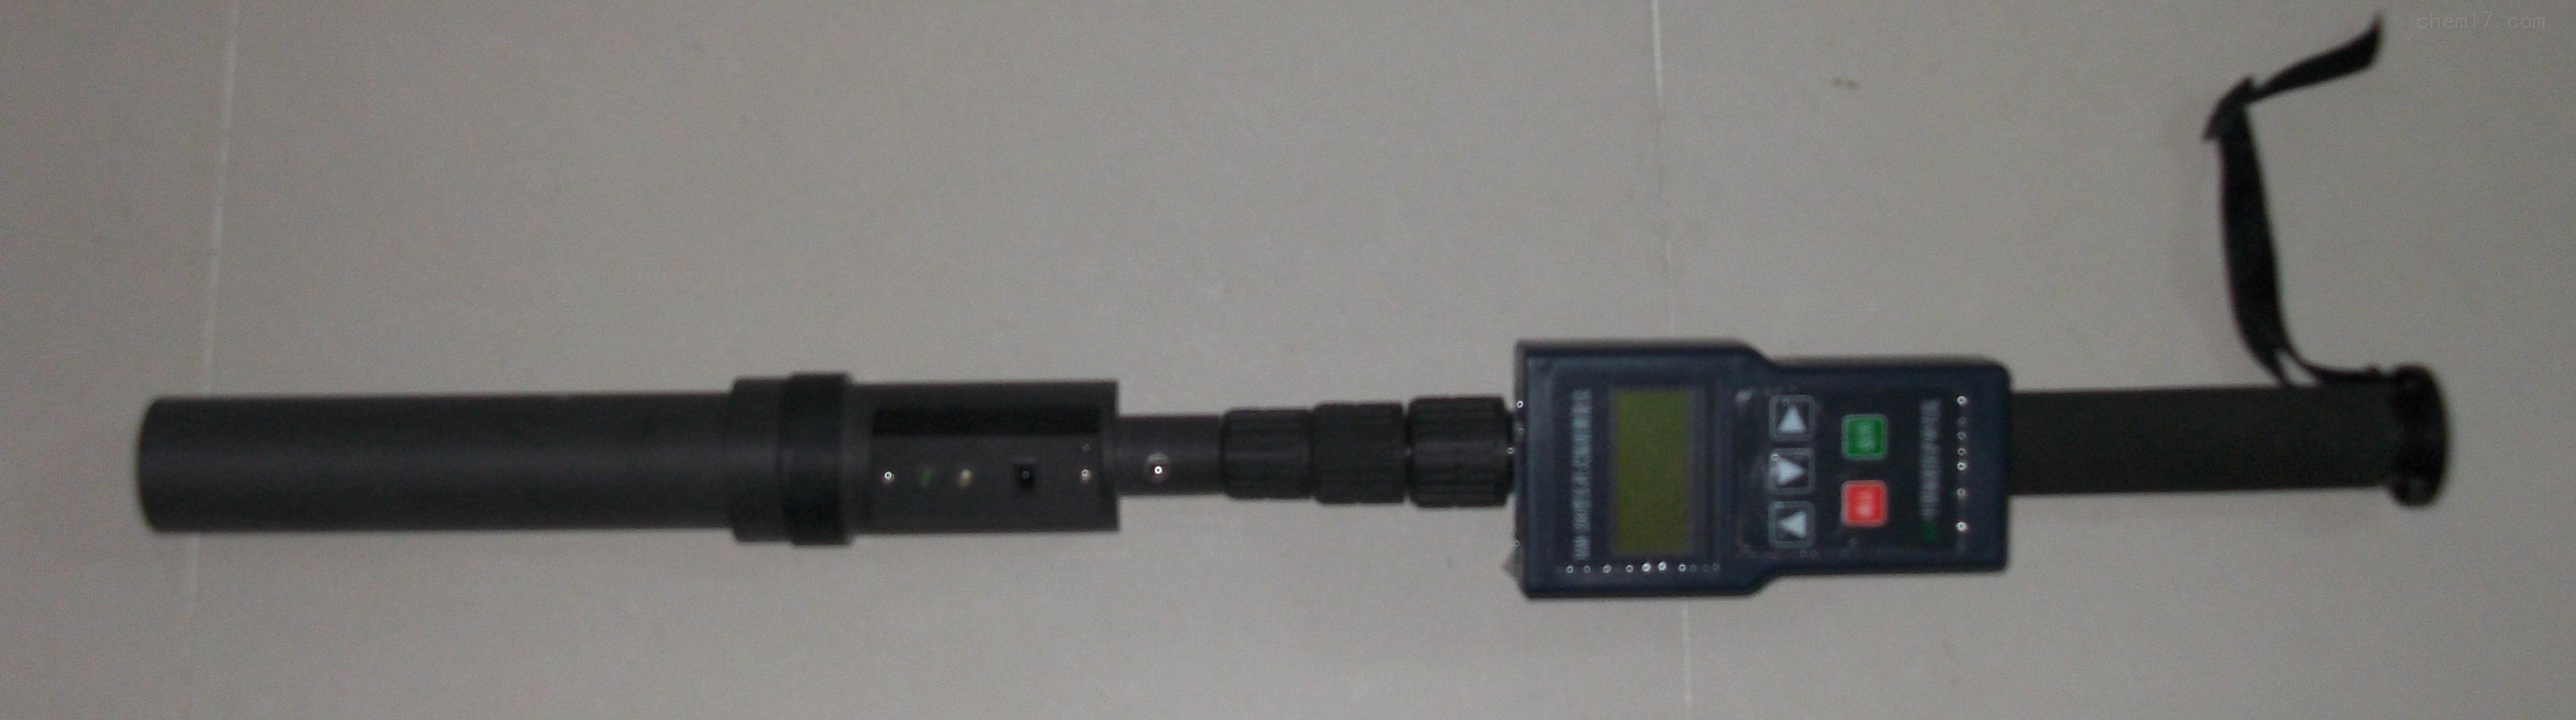 HY20长杆式辐射测量仪